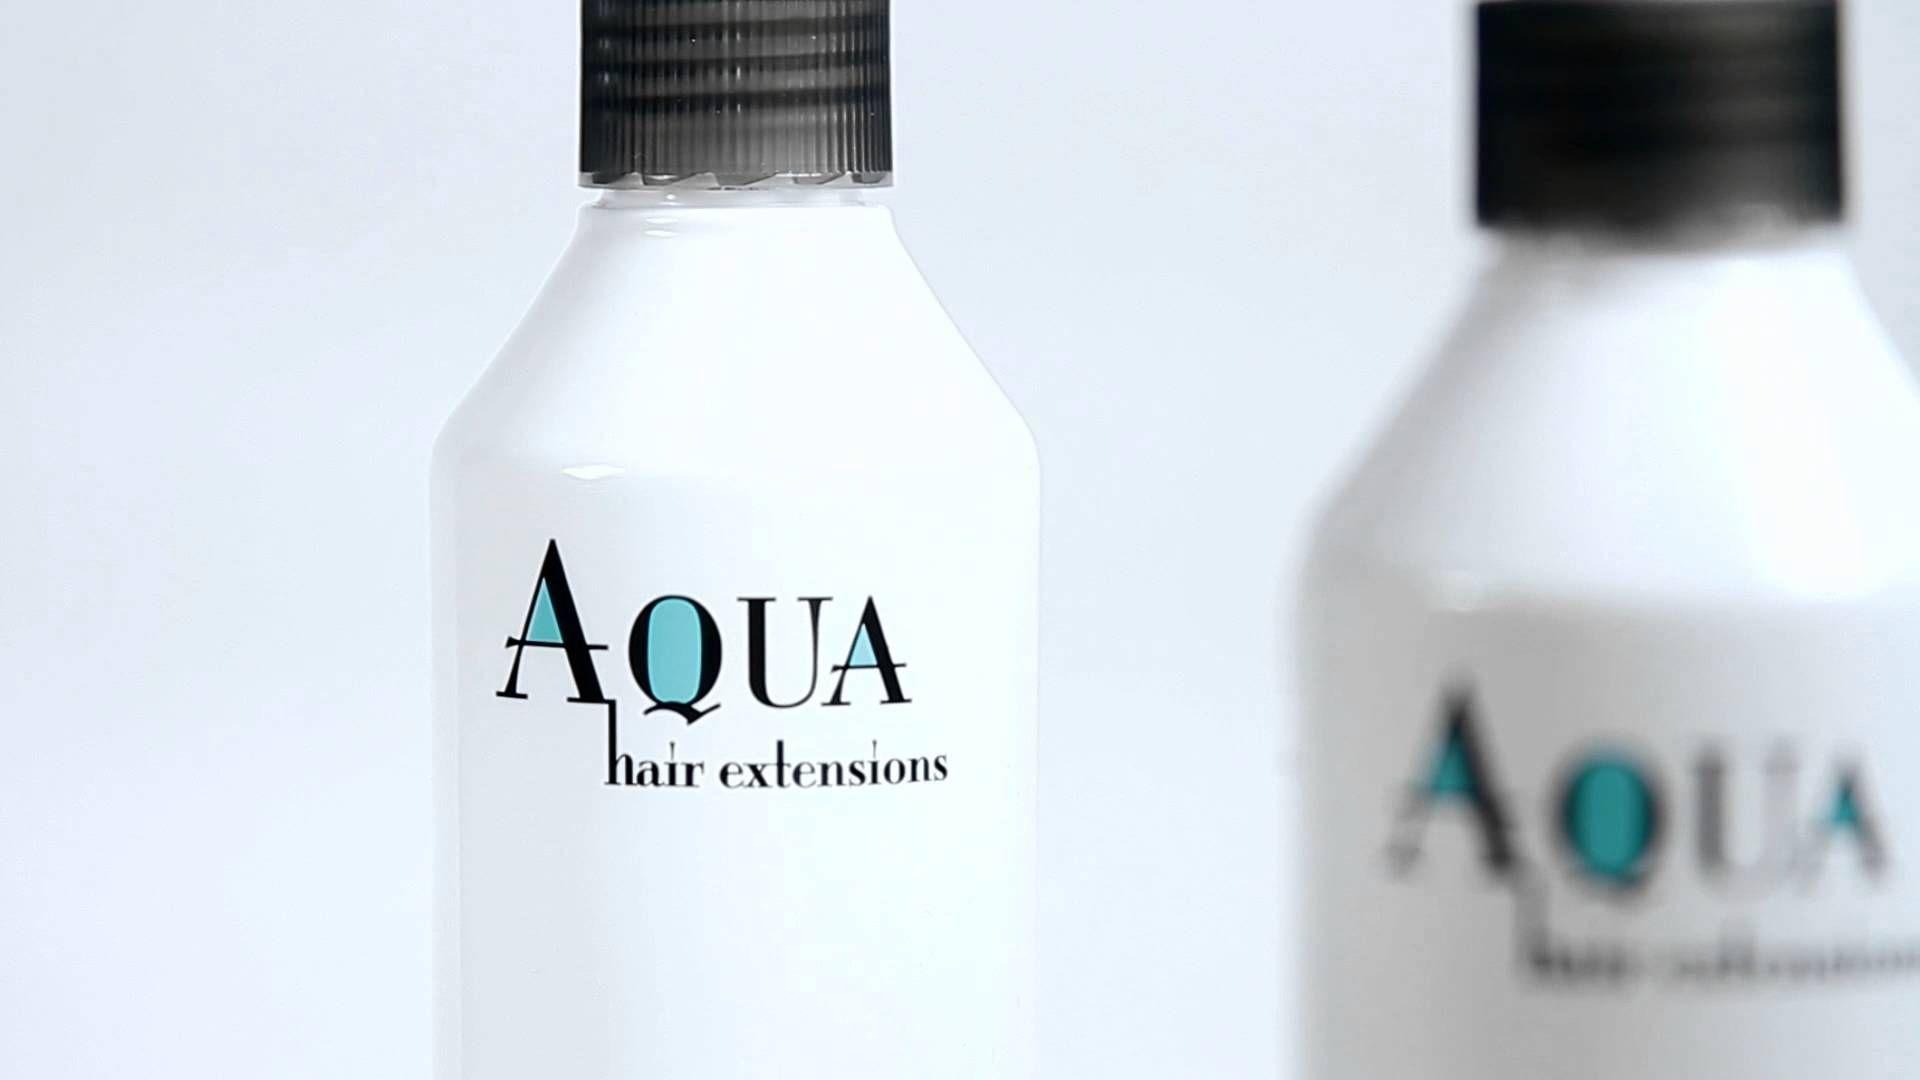 Aqua Hair Extensions Shampoo And Condtioner Aqua Hair Extensions